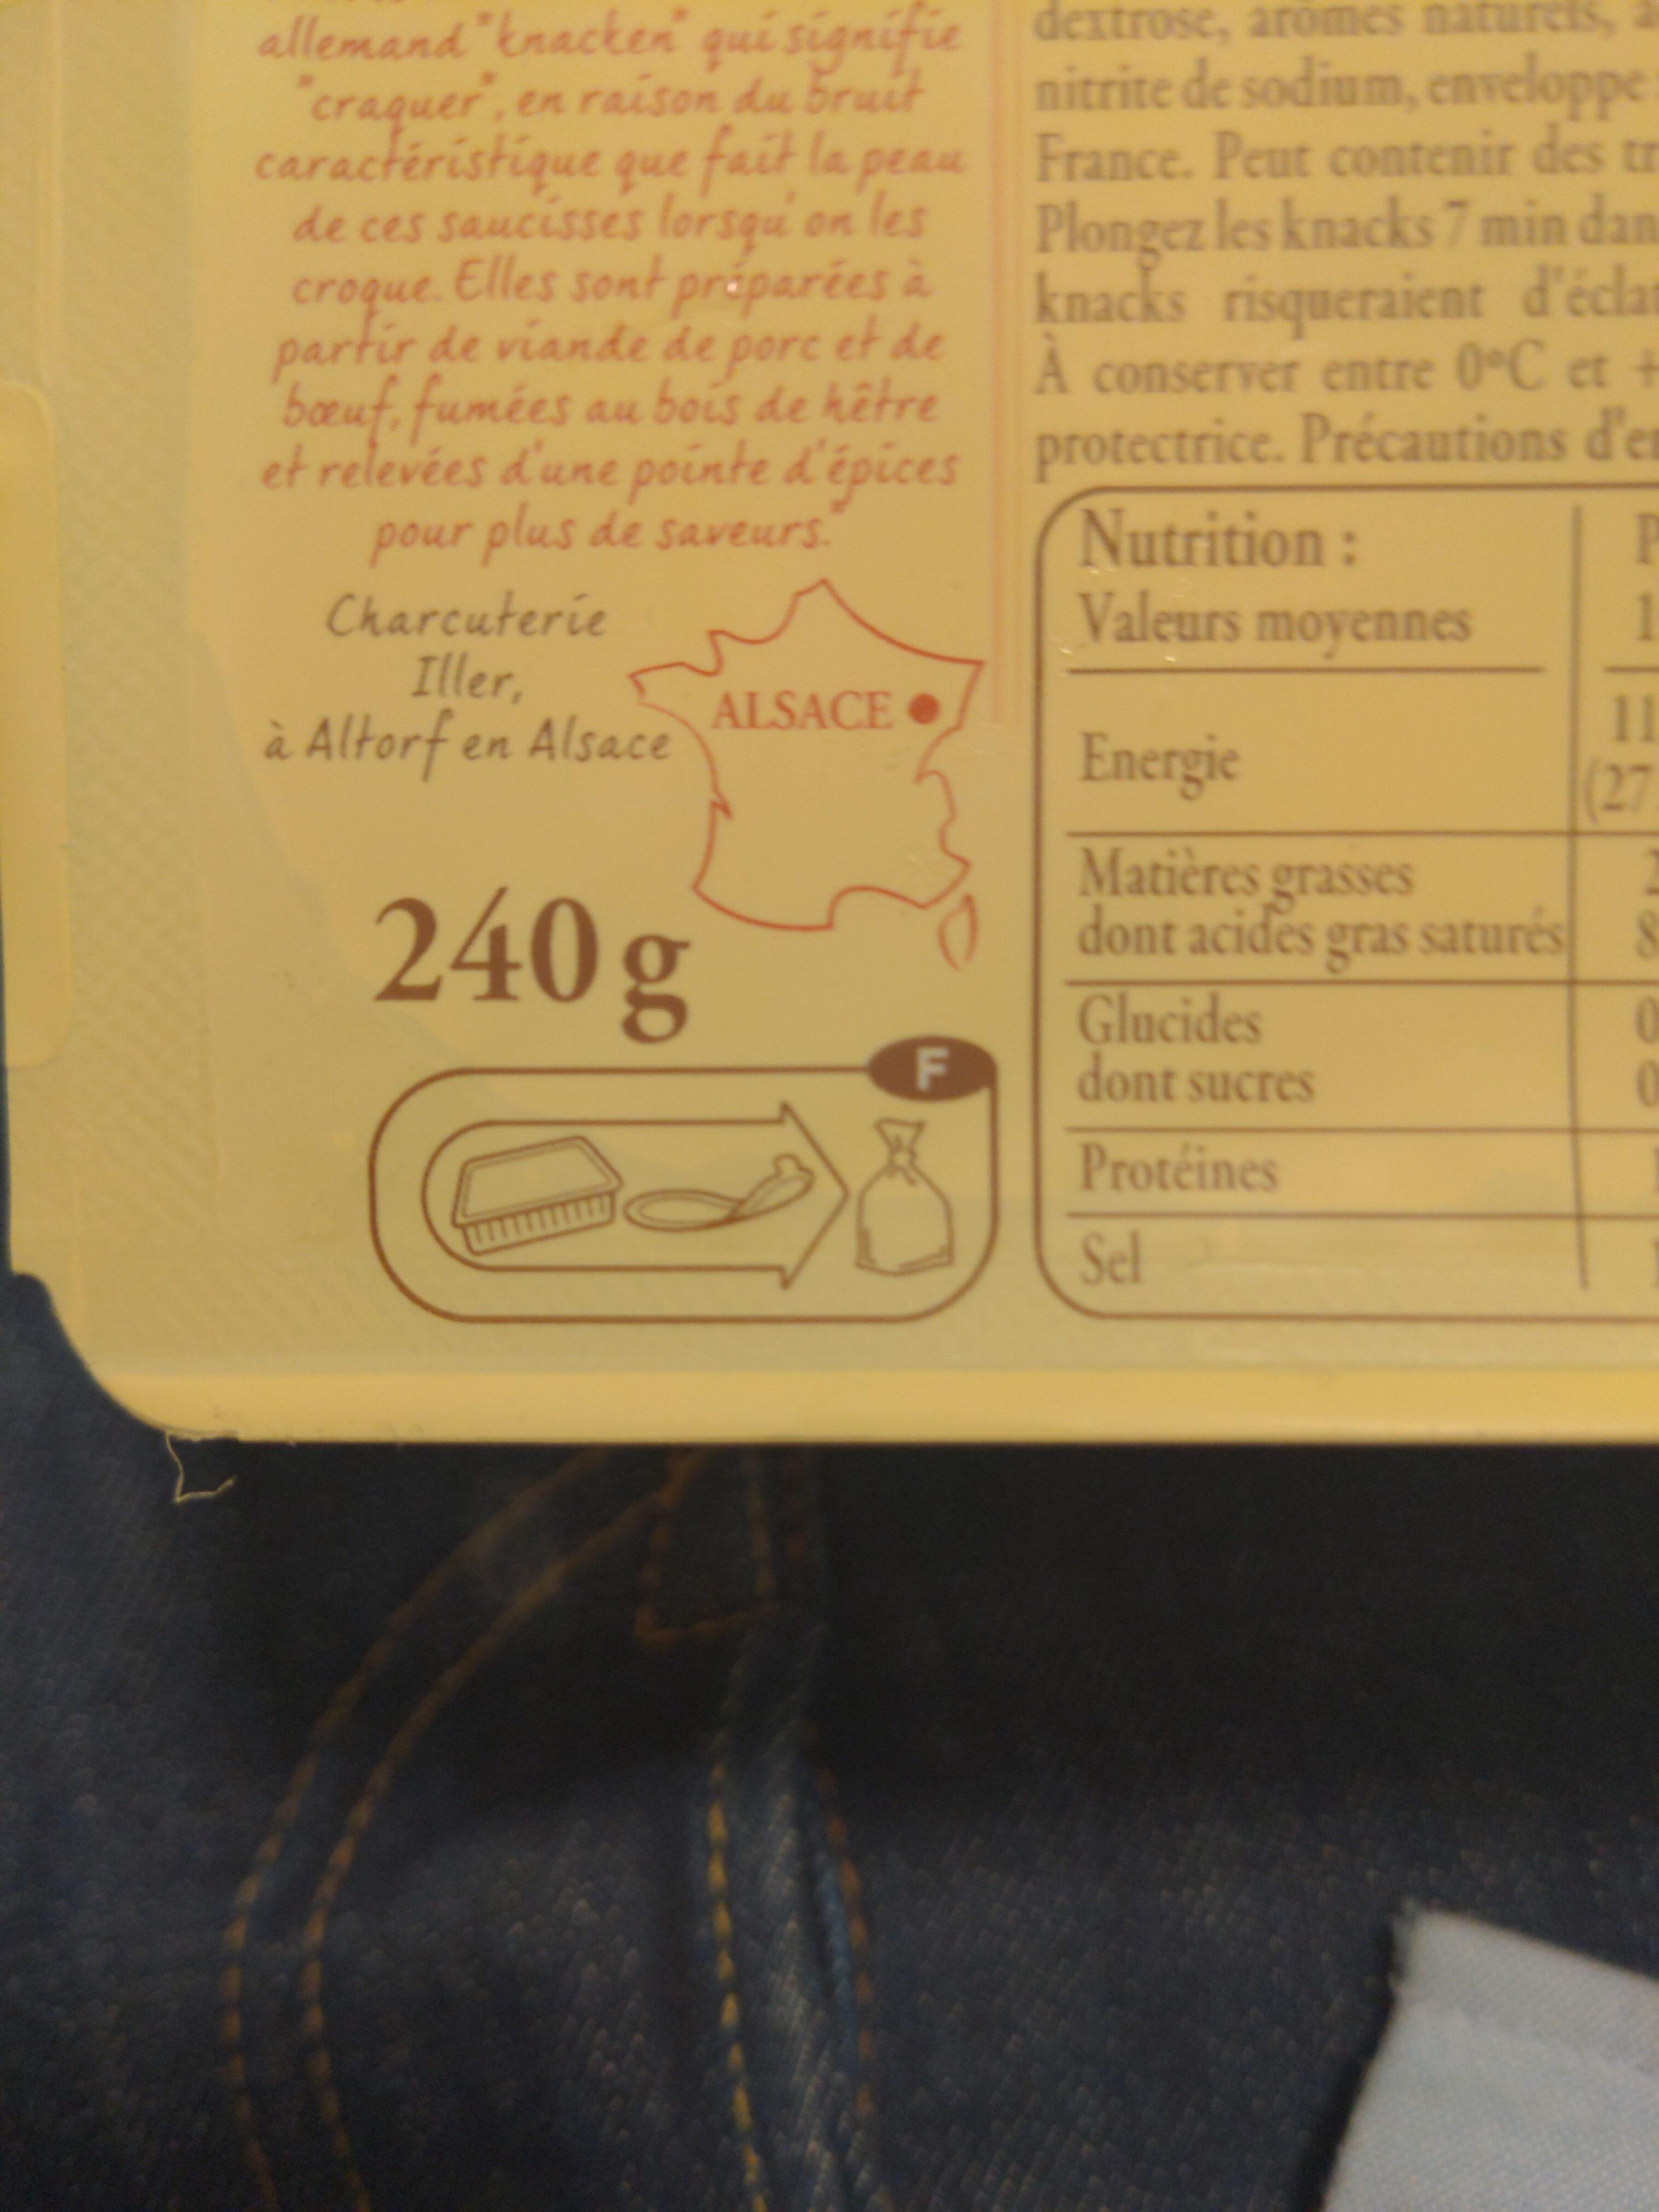 4 Véritables Knacks d'Alsace - Instruction de recyclage et/ou informations d'emballage - fr